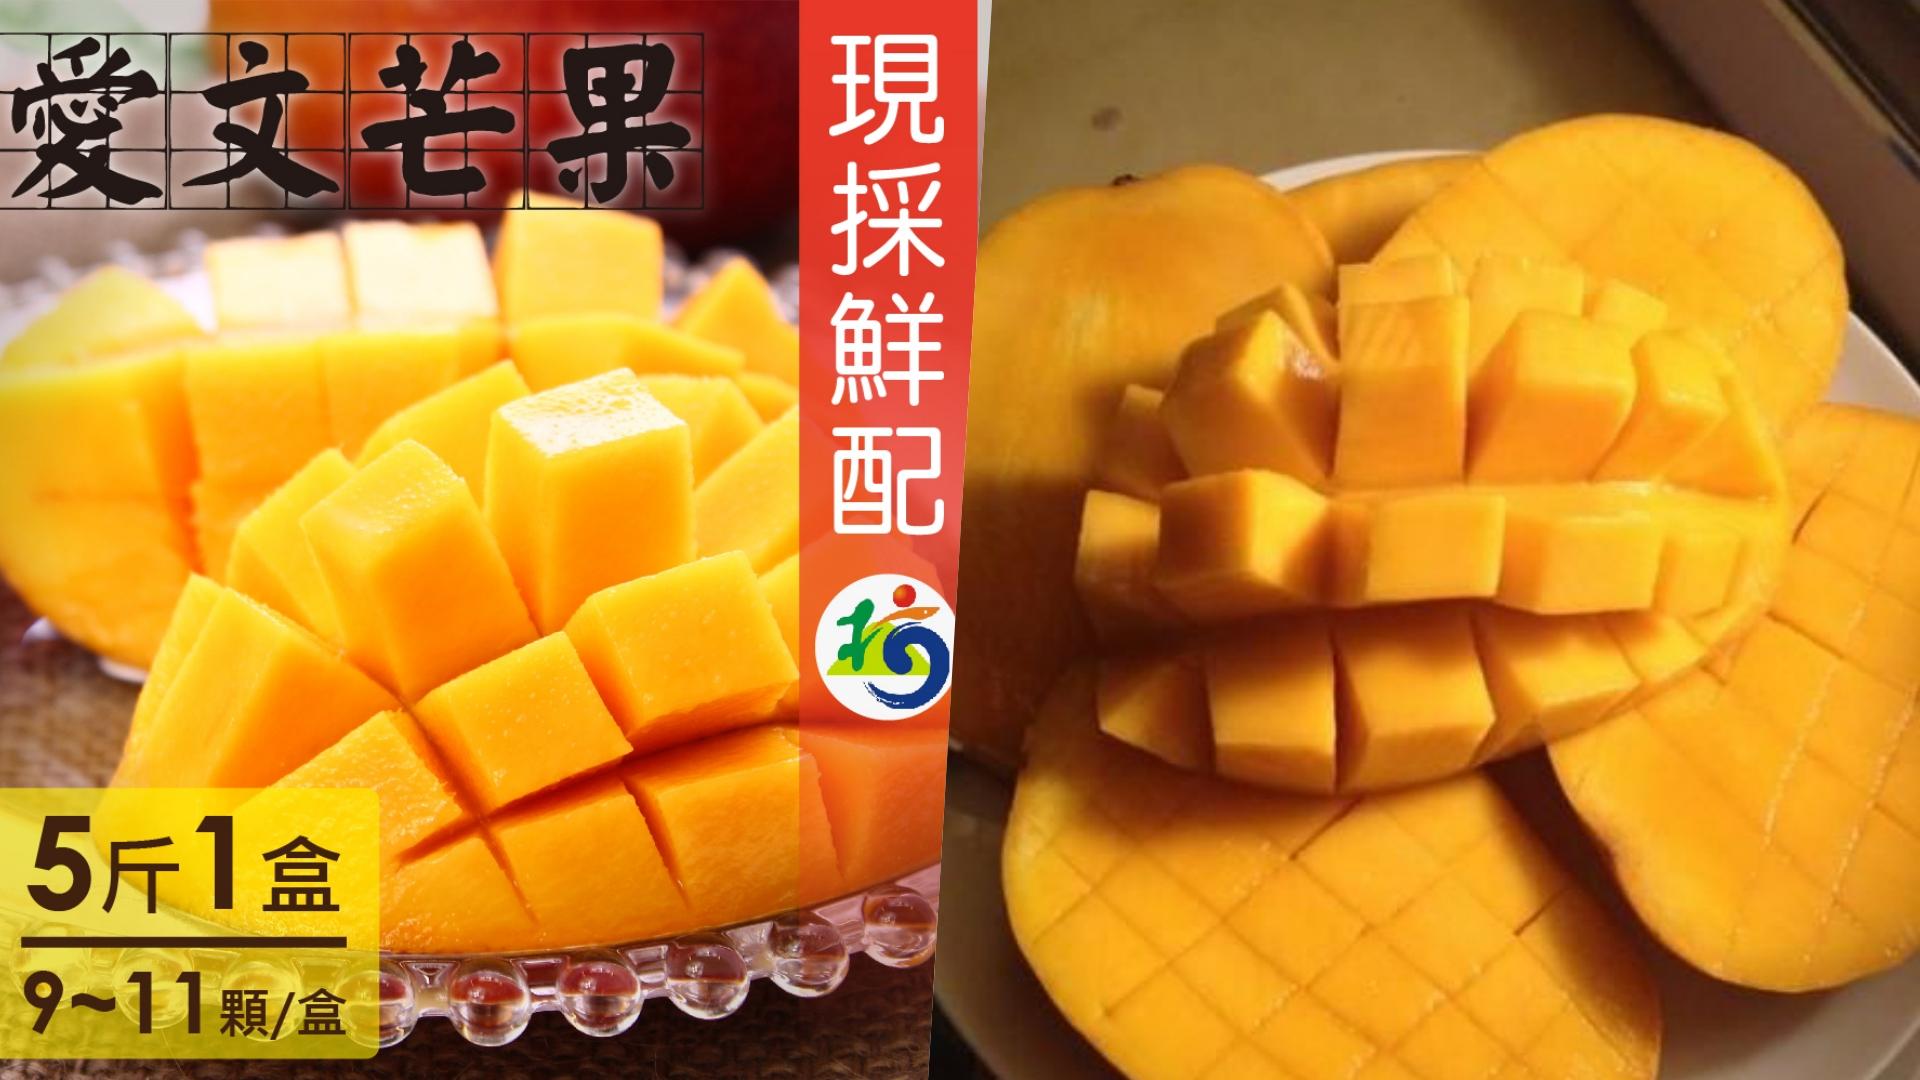 屏東枋山陽光充足溫度又高,因此種出來的芒果總是又大又甜,加上不使用化學肥料的自然農法,吃起來也很安心!